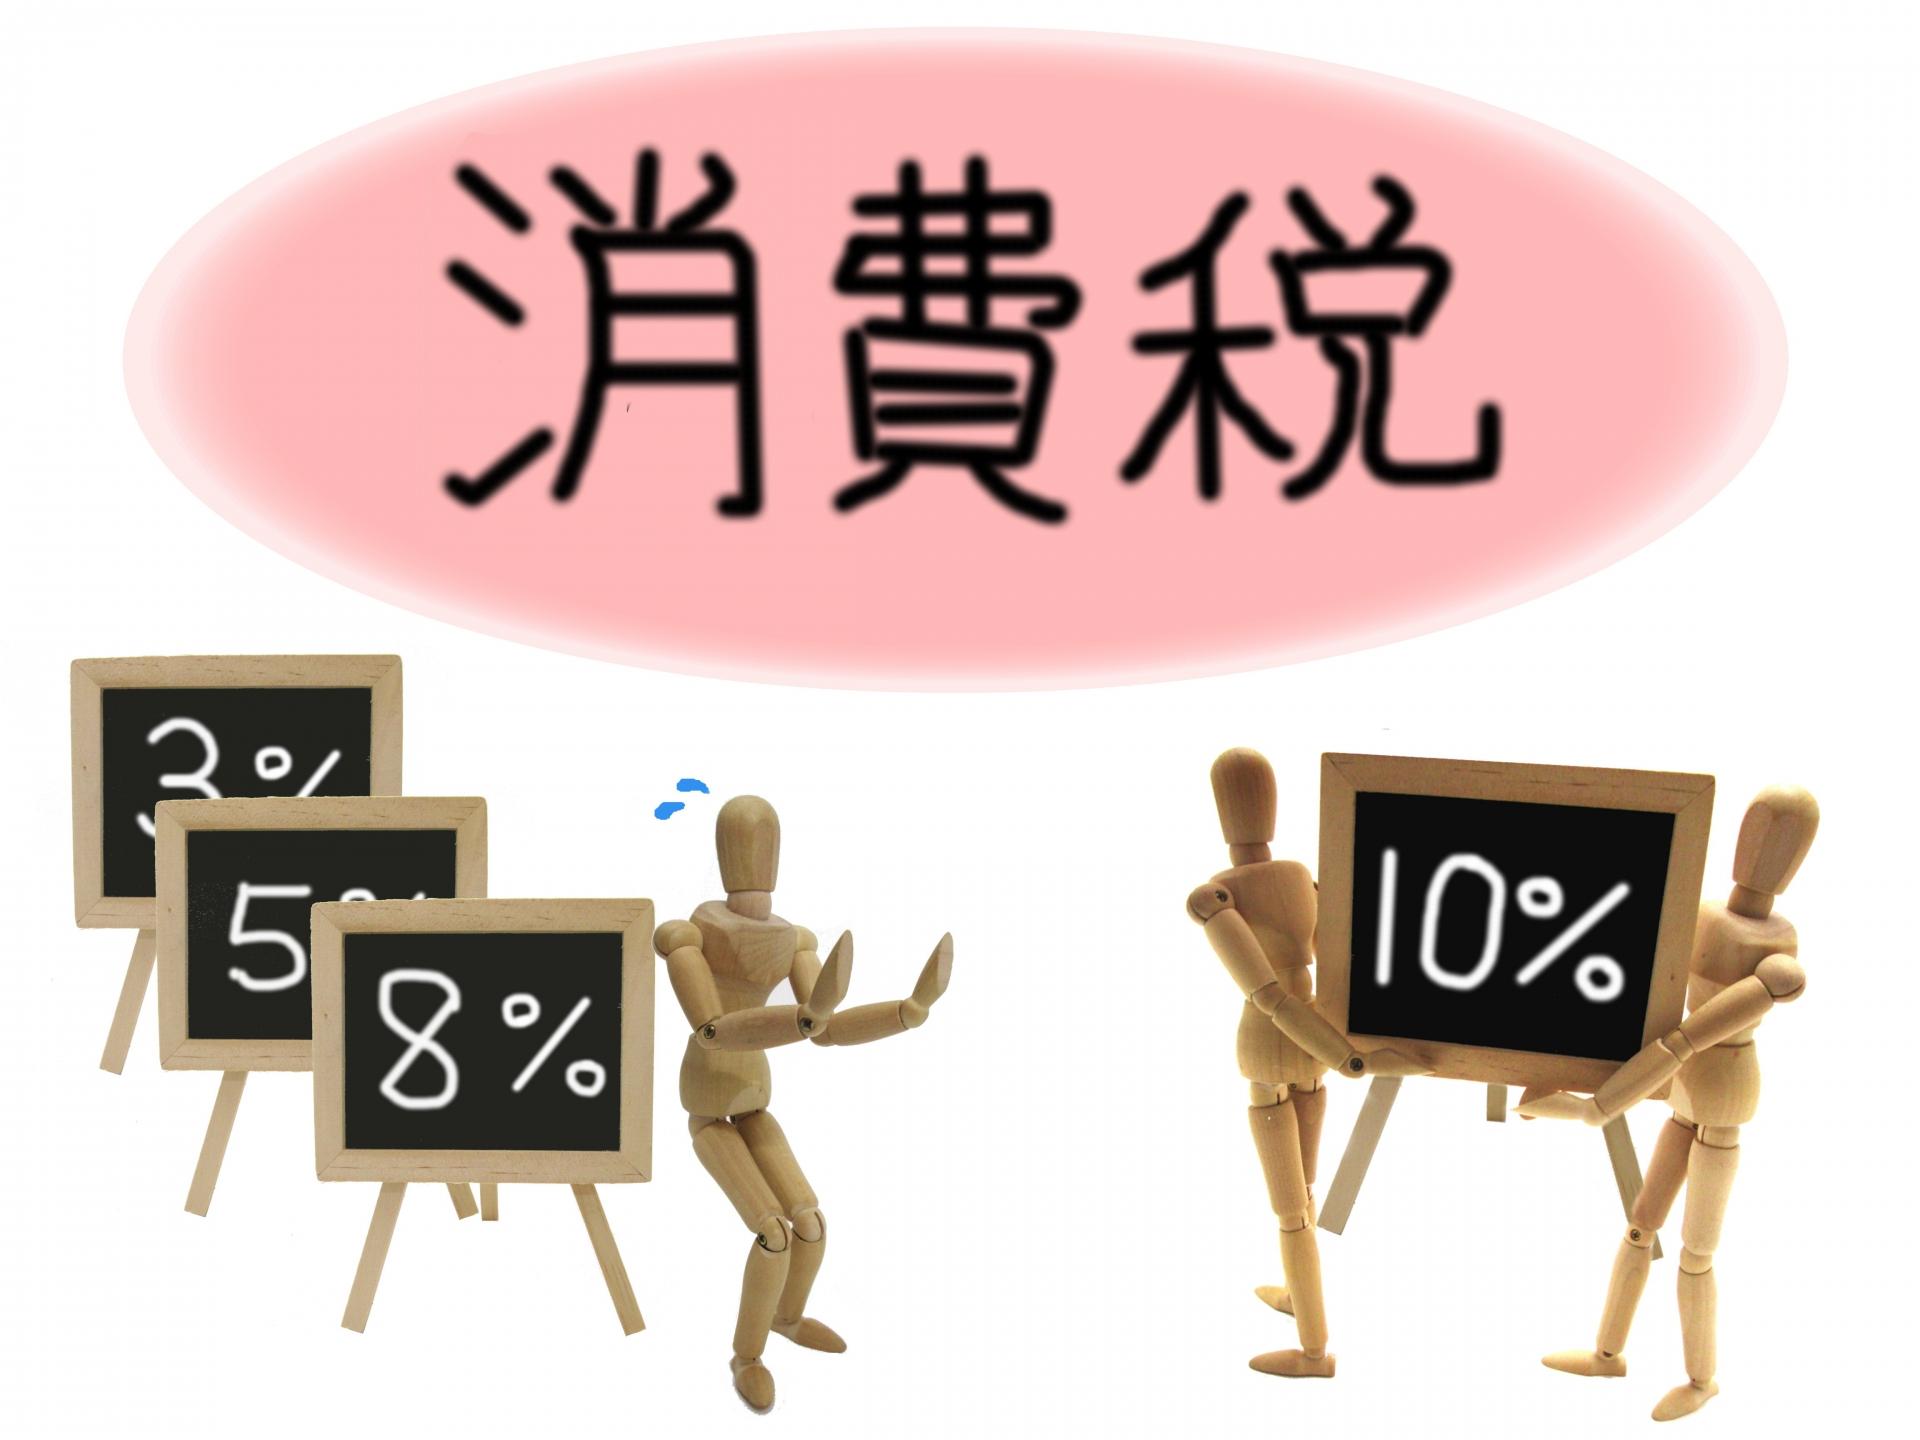 消費税増税で円安になる?